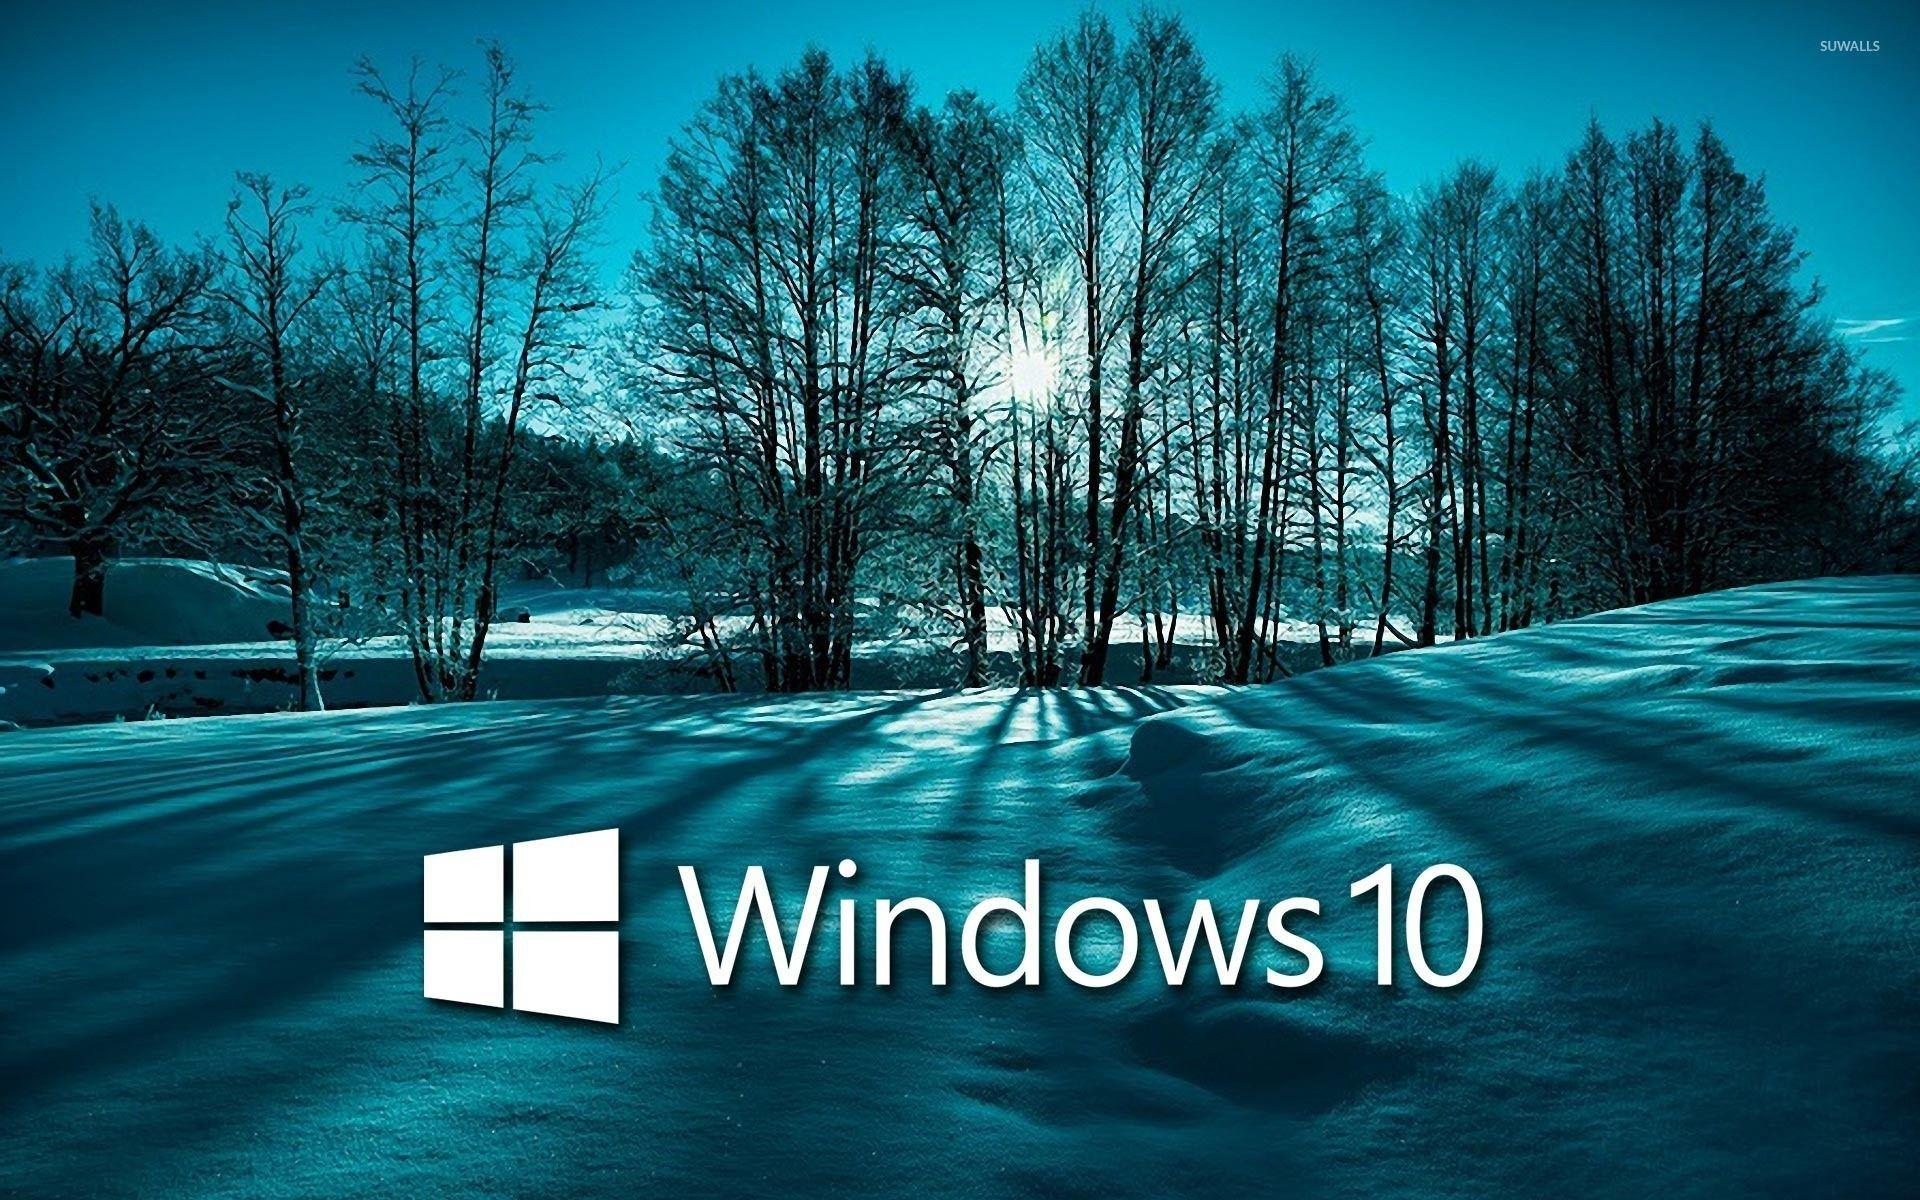 Windows 10 Wallpaper Free Download At Dragonway Info Windows Wallpaper Hd Wallpapers For Laptop Wallpaper Windows 10